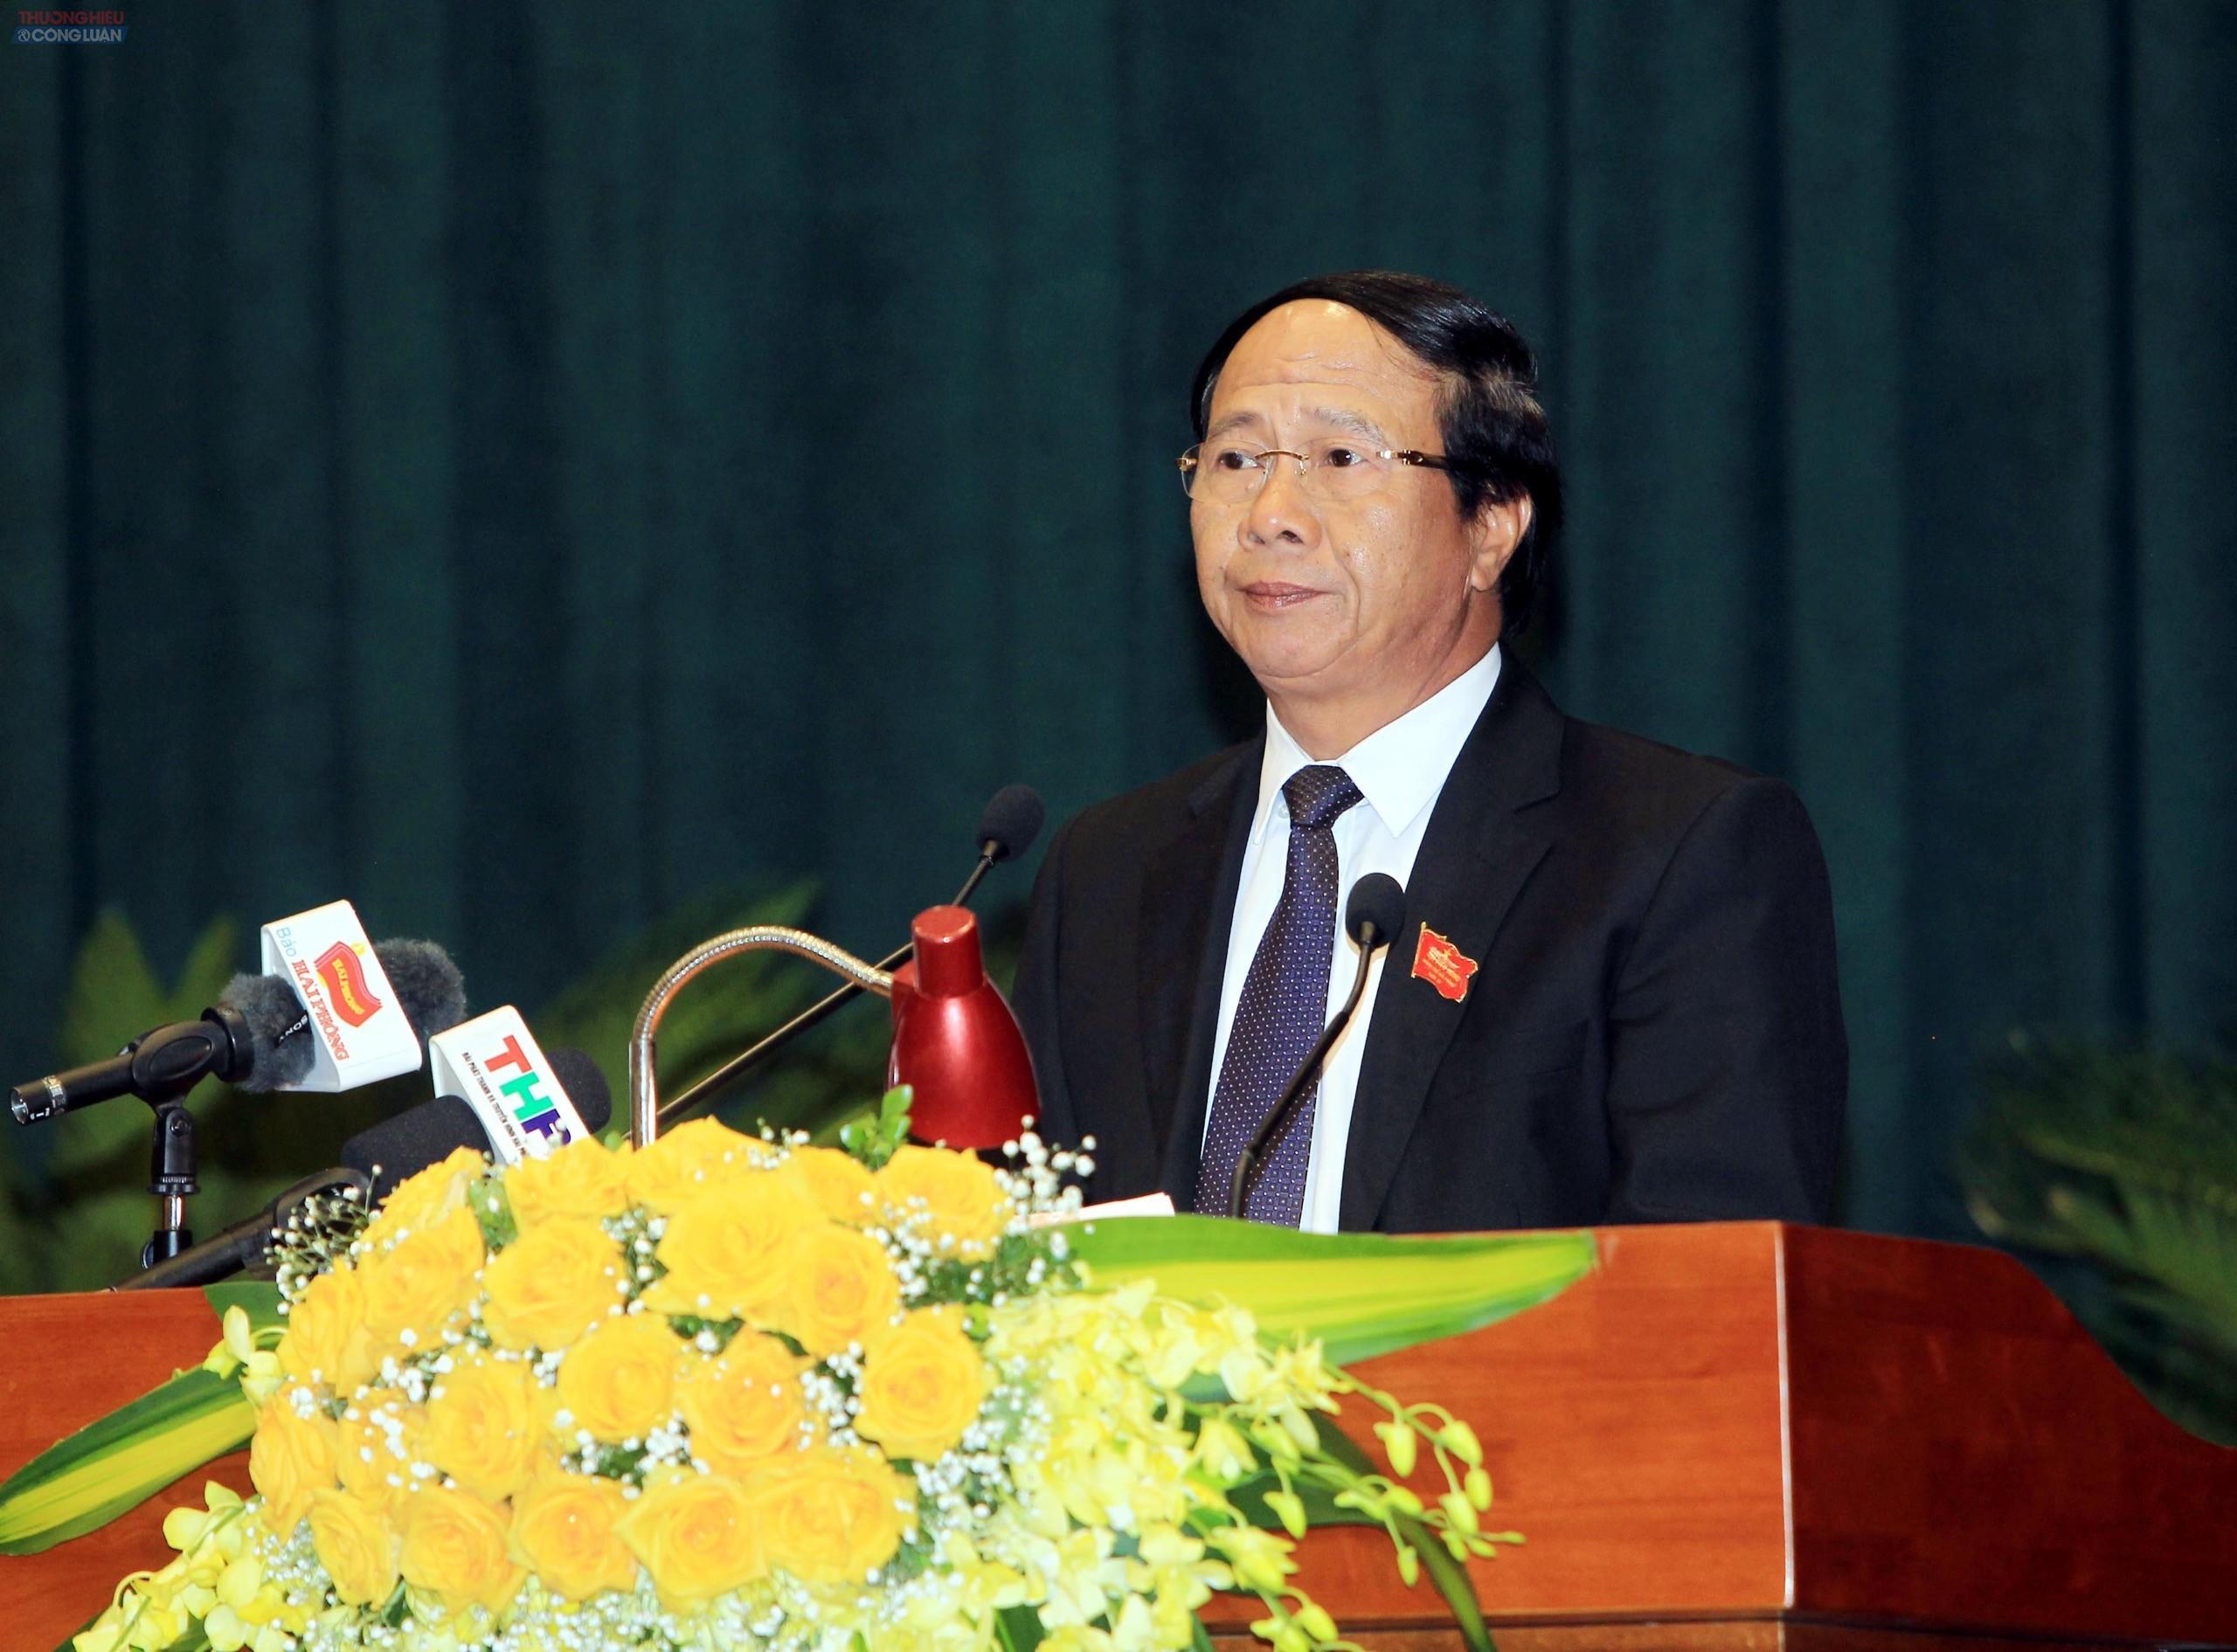 Đồng chí Lê Văn Thành, Ủy viên Trung ương Đảng, Bí thư Thành ủy, Chủ tịch HĐND thành phố - Chủ tọa kỳ họp